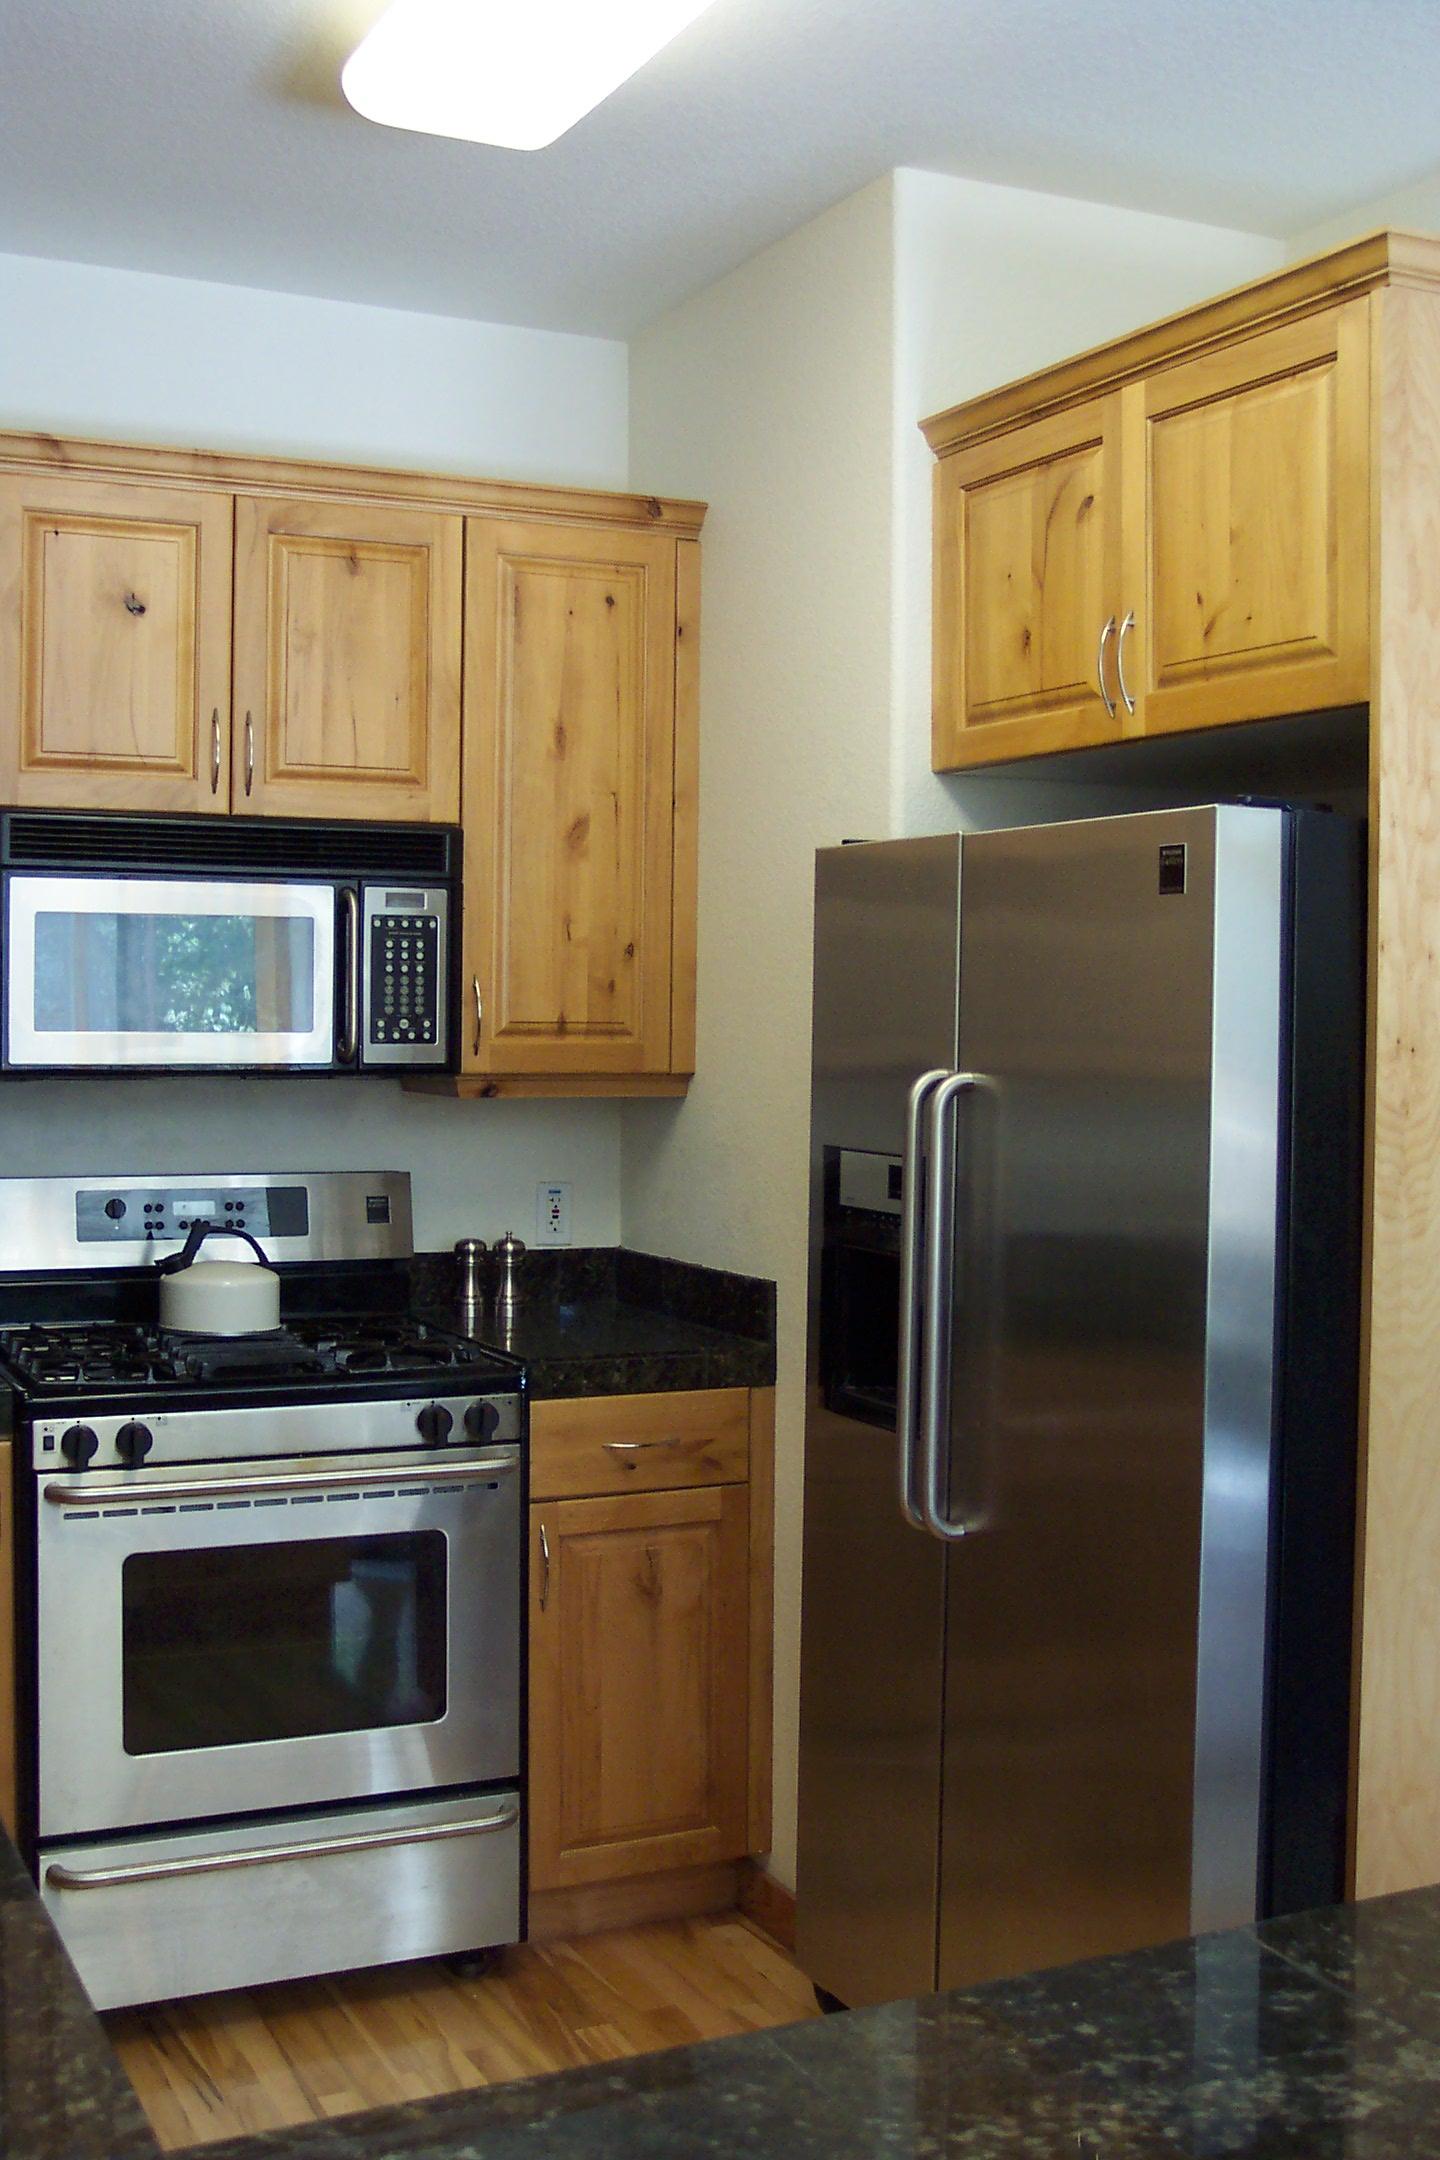 100 kitchen microwave ideas kitchen designs large u for Kitchen designs microwave